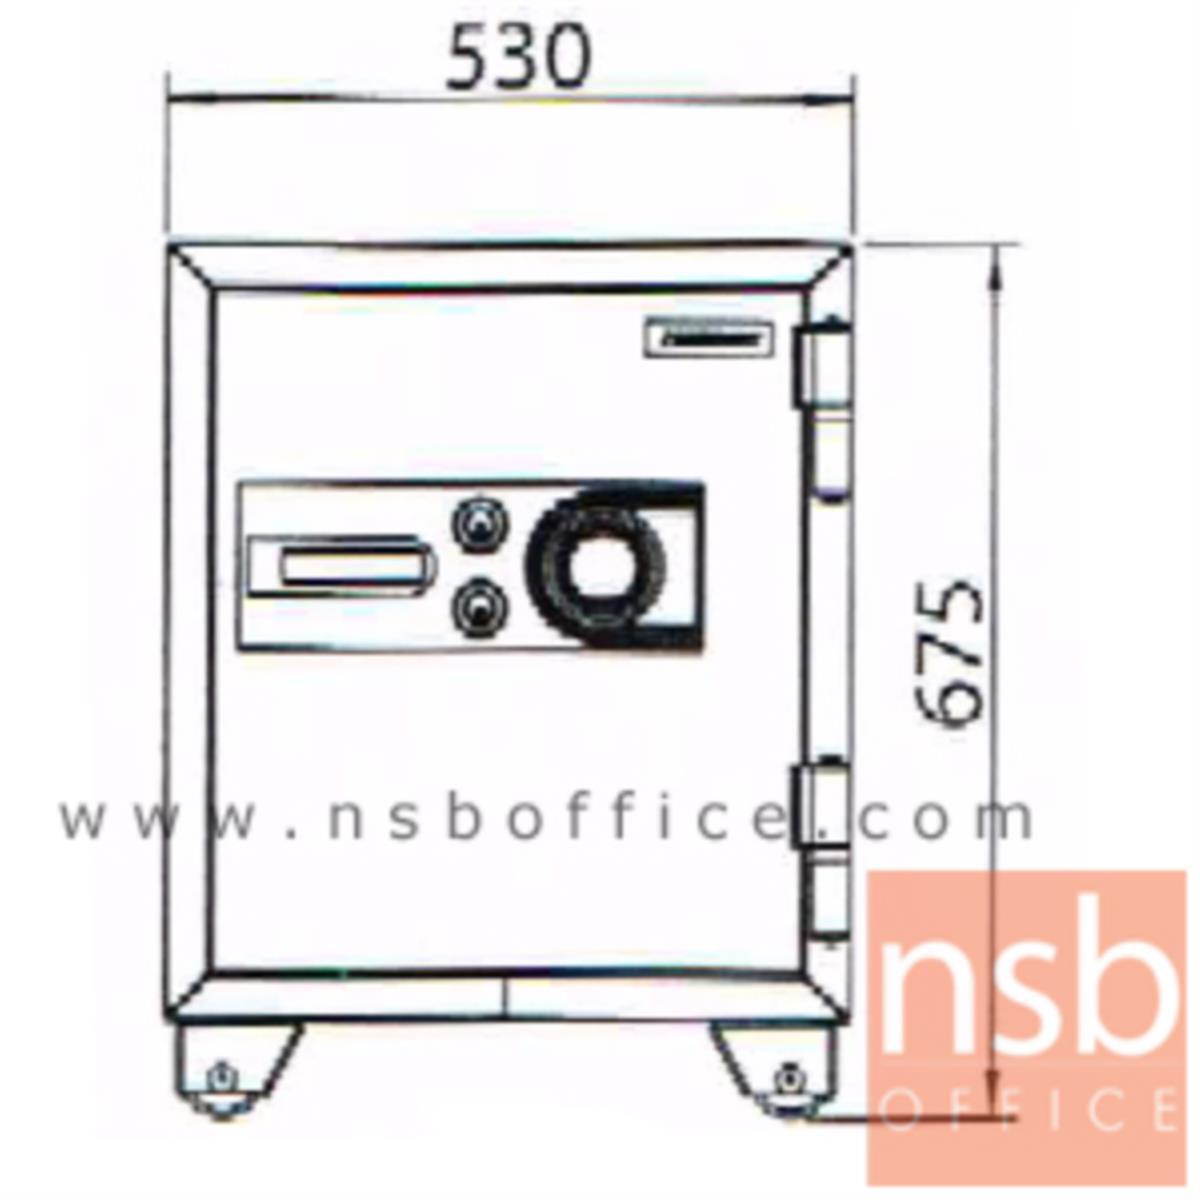 ตู้เซฟนิรภัยชนิดหมุน 110 กก. รุ่น PRESIDENT-SB20 มี 2 กุญแจ 1 รหัส (รหัสใช้หมุนหน้าตู้)